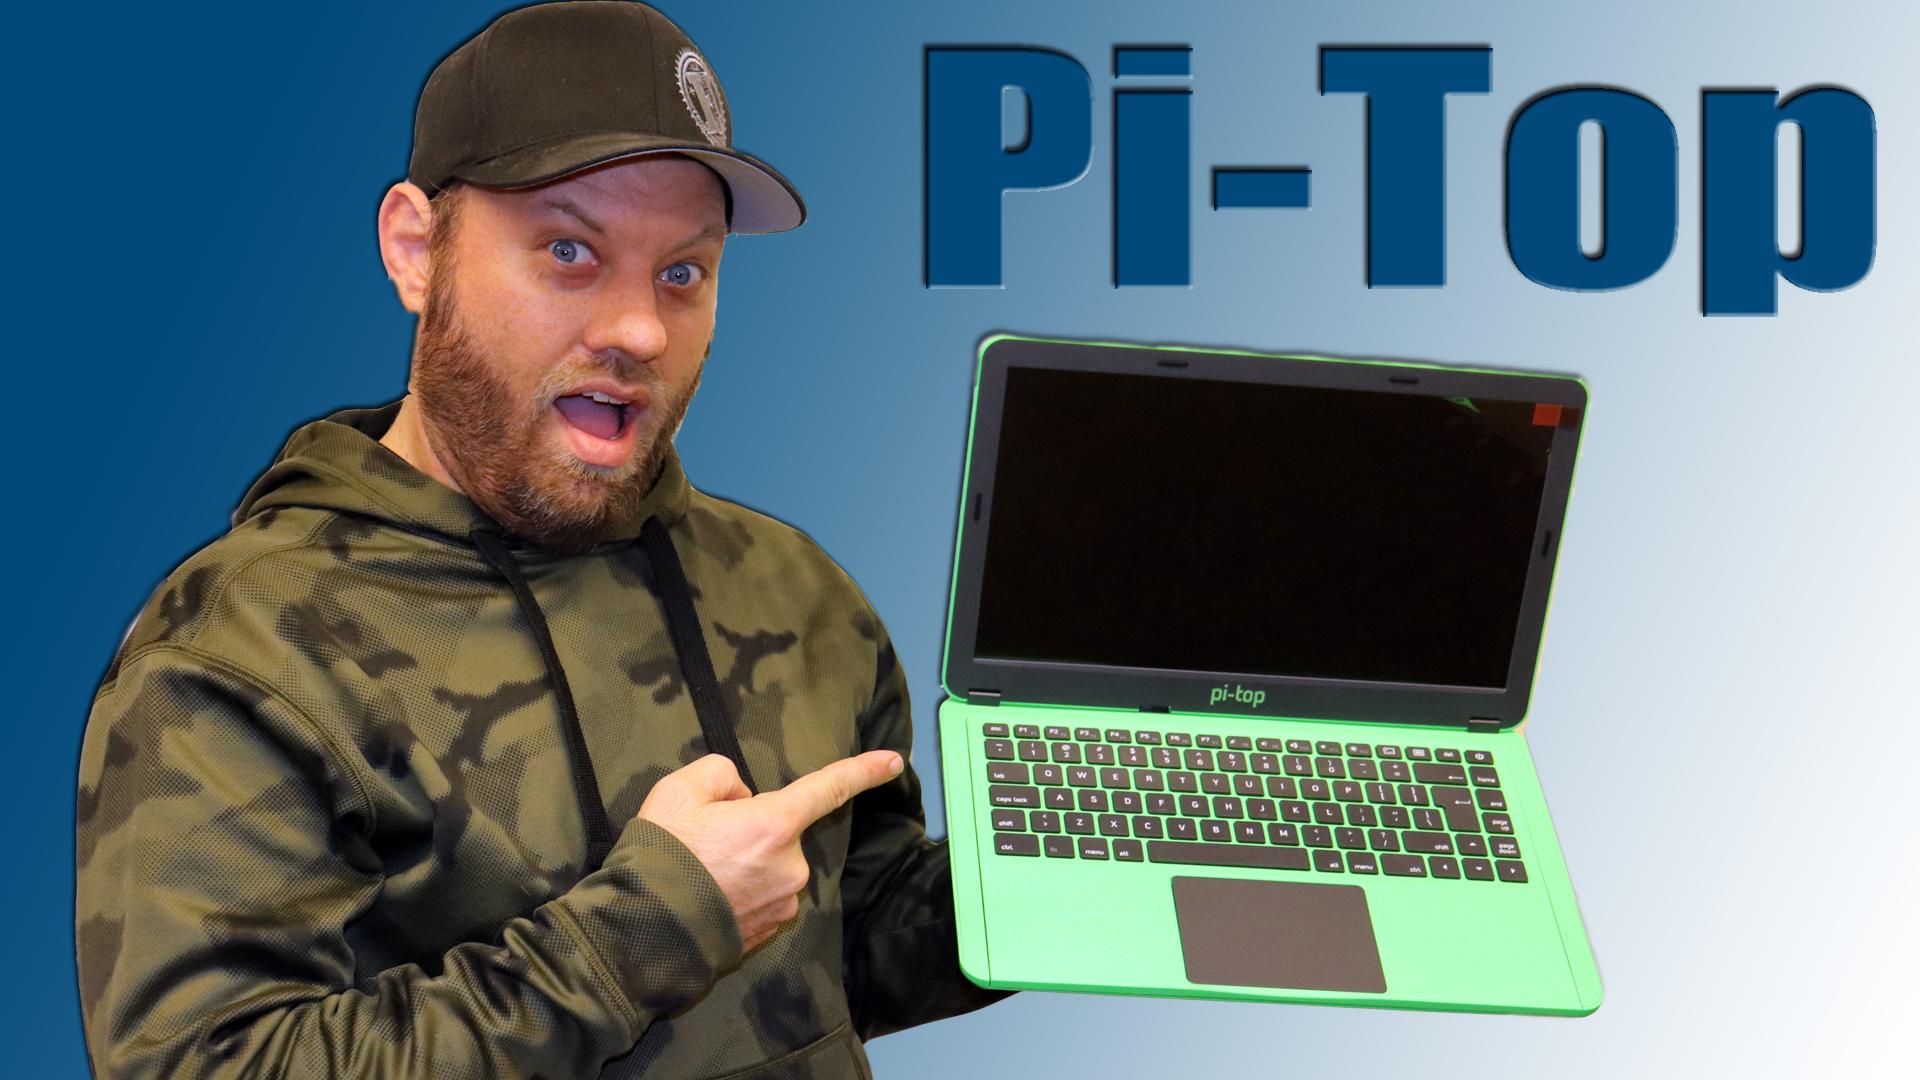 Adafruit Pi Top for Raspberry Pi Laptop